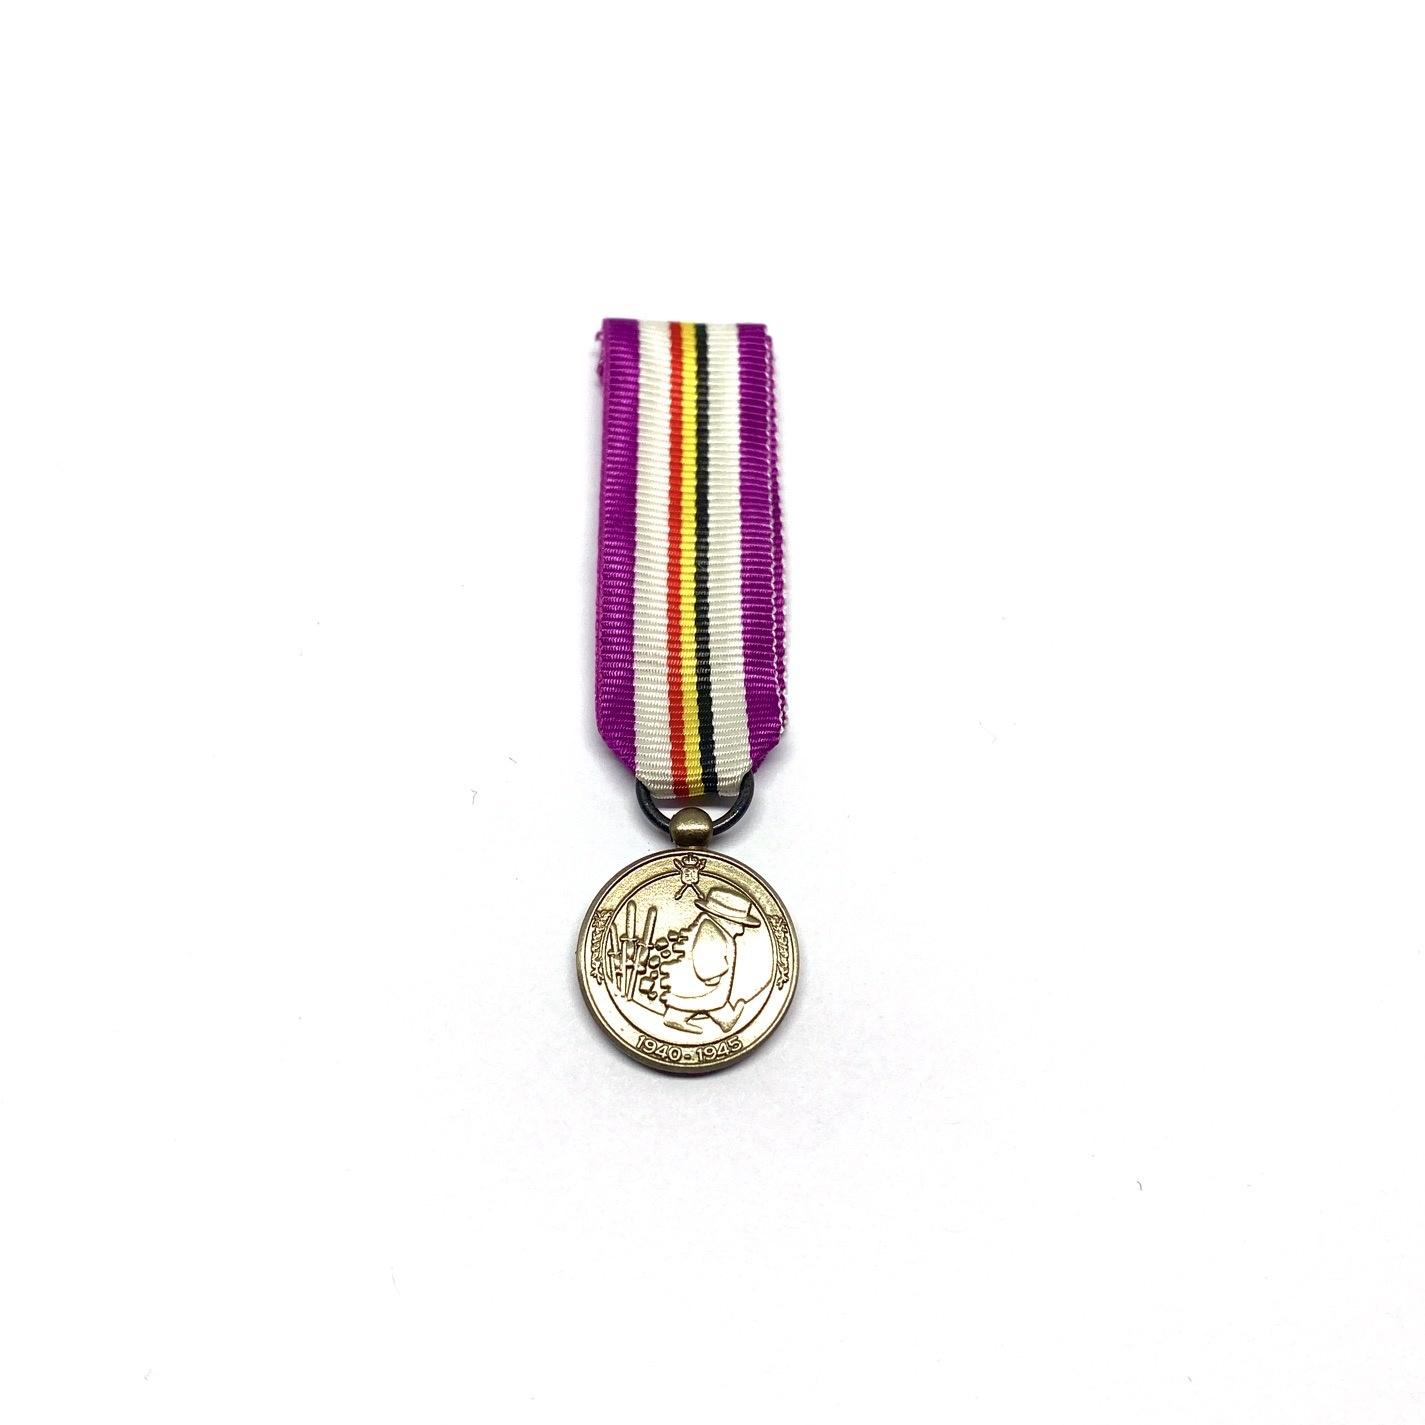 Médaille d'Invalide Civil de la Guerre 1940-1945